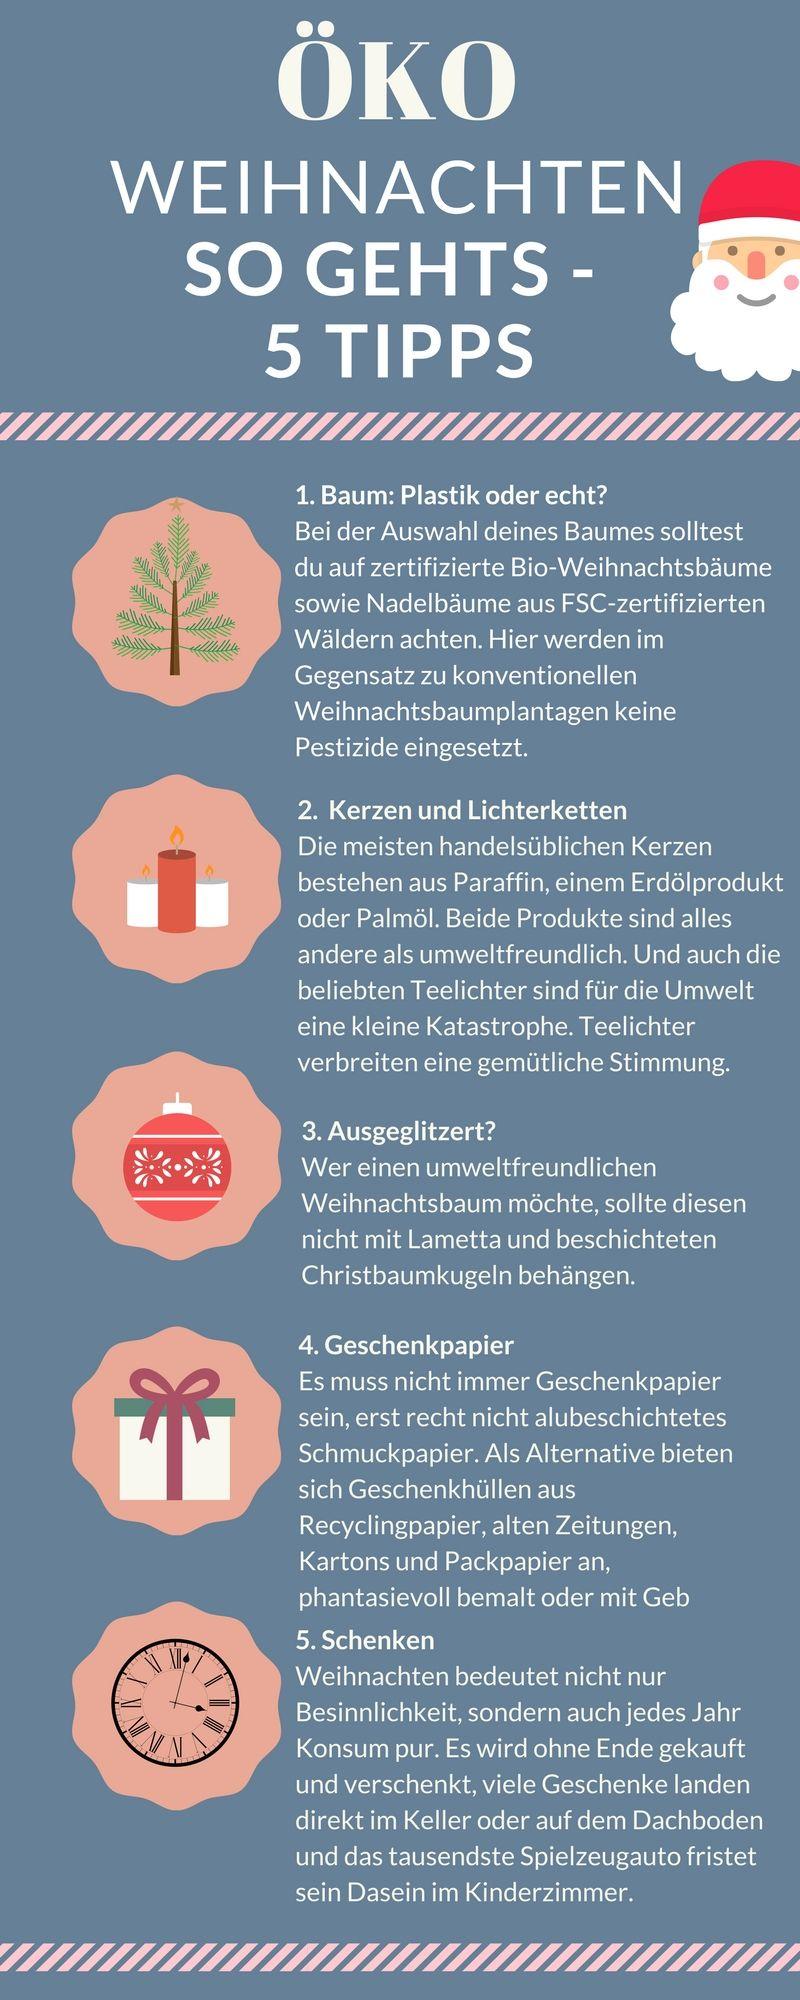 Weihnachten ökologischer feiern - 5 Tipps - so gehts! | Baby und ...